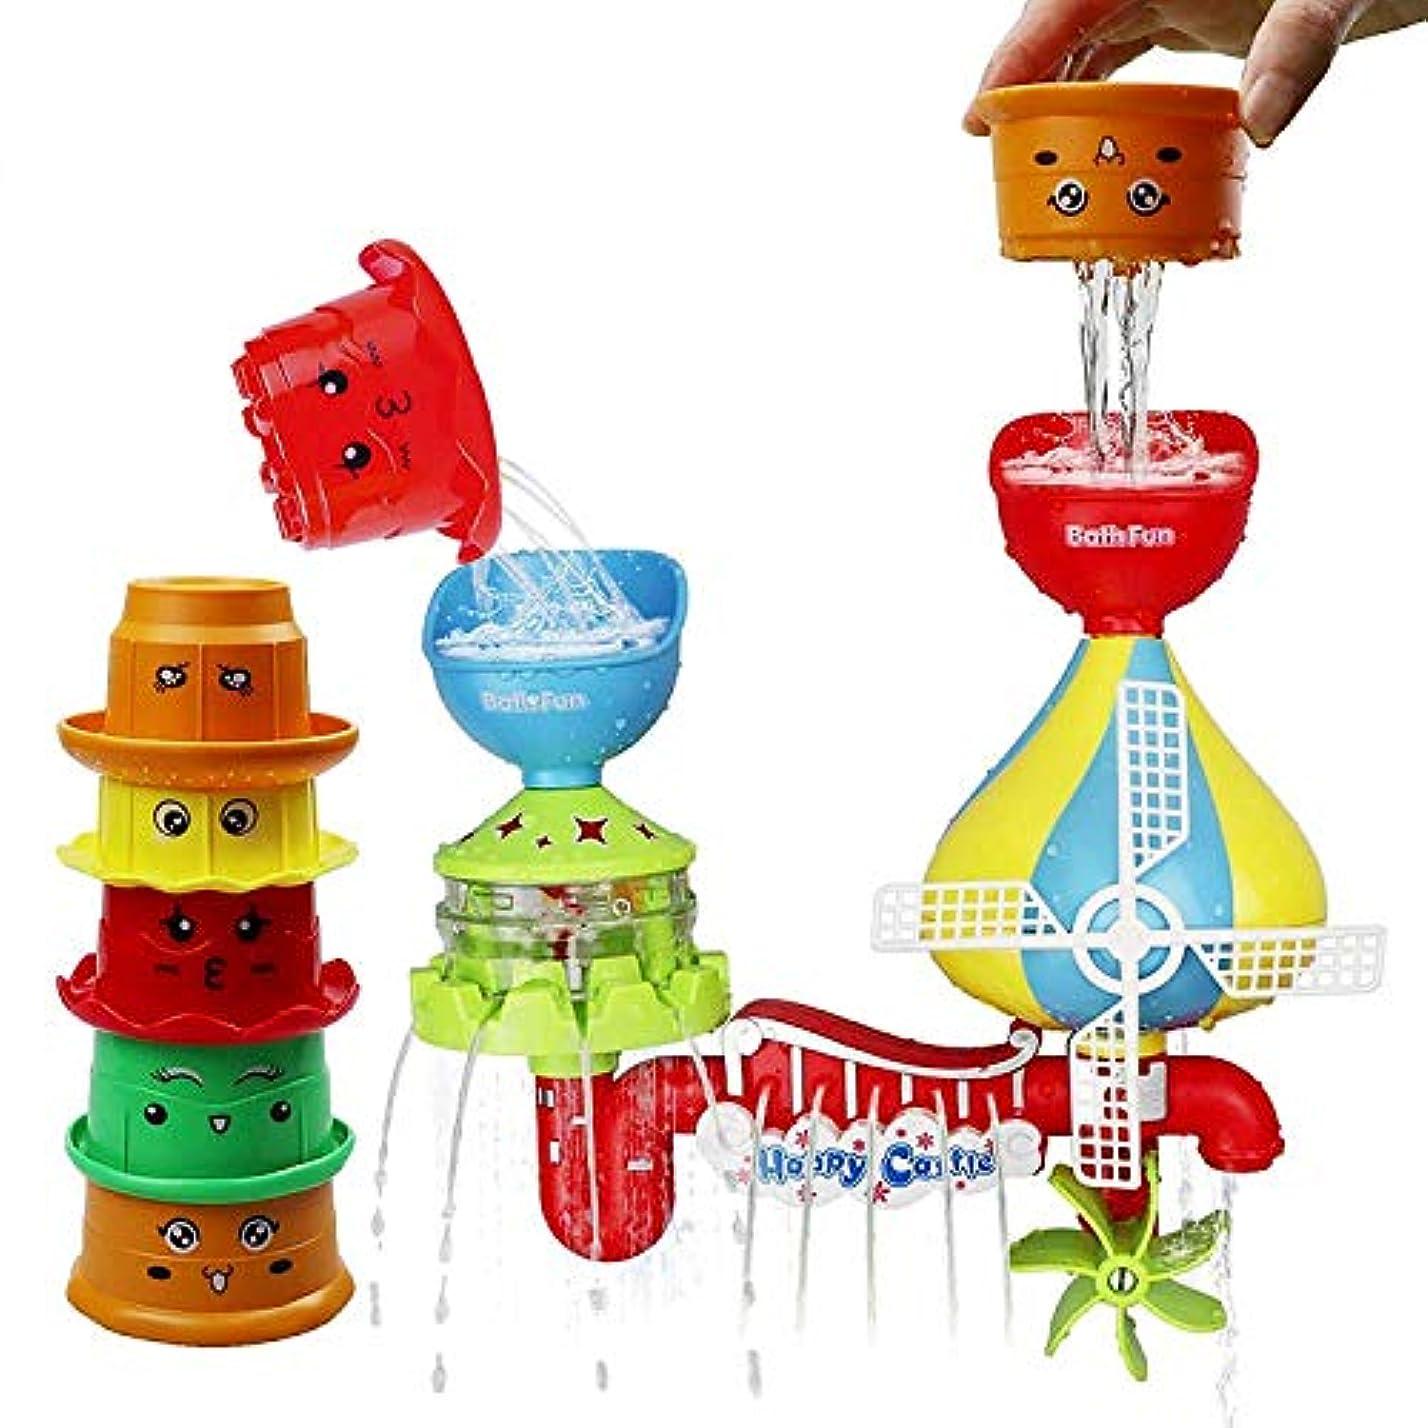 類推観客オピエートガールズ - 幼児 - ボーイズのための赤ちゃんの思考能力と創造グレート玩具を強化することにより、5つのスタッカブルカップとTONINIベビーバスおもちゃの-Waterfallウォーター駅